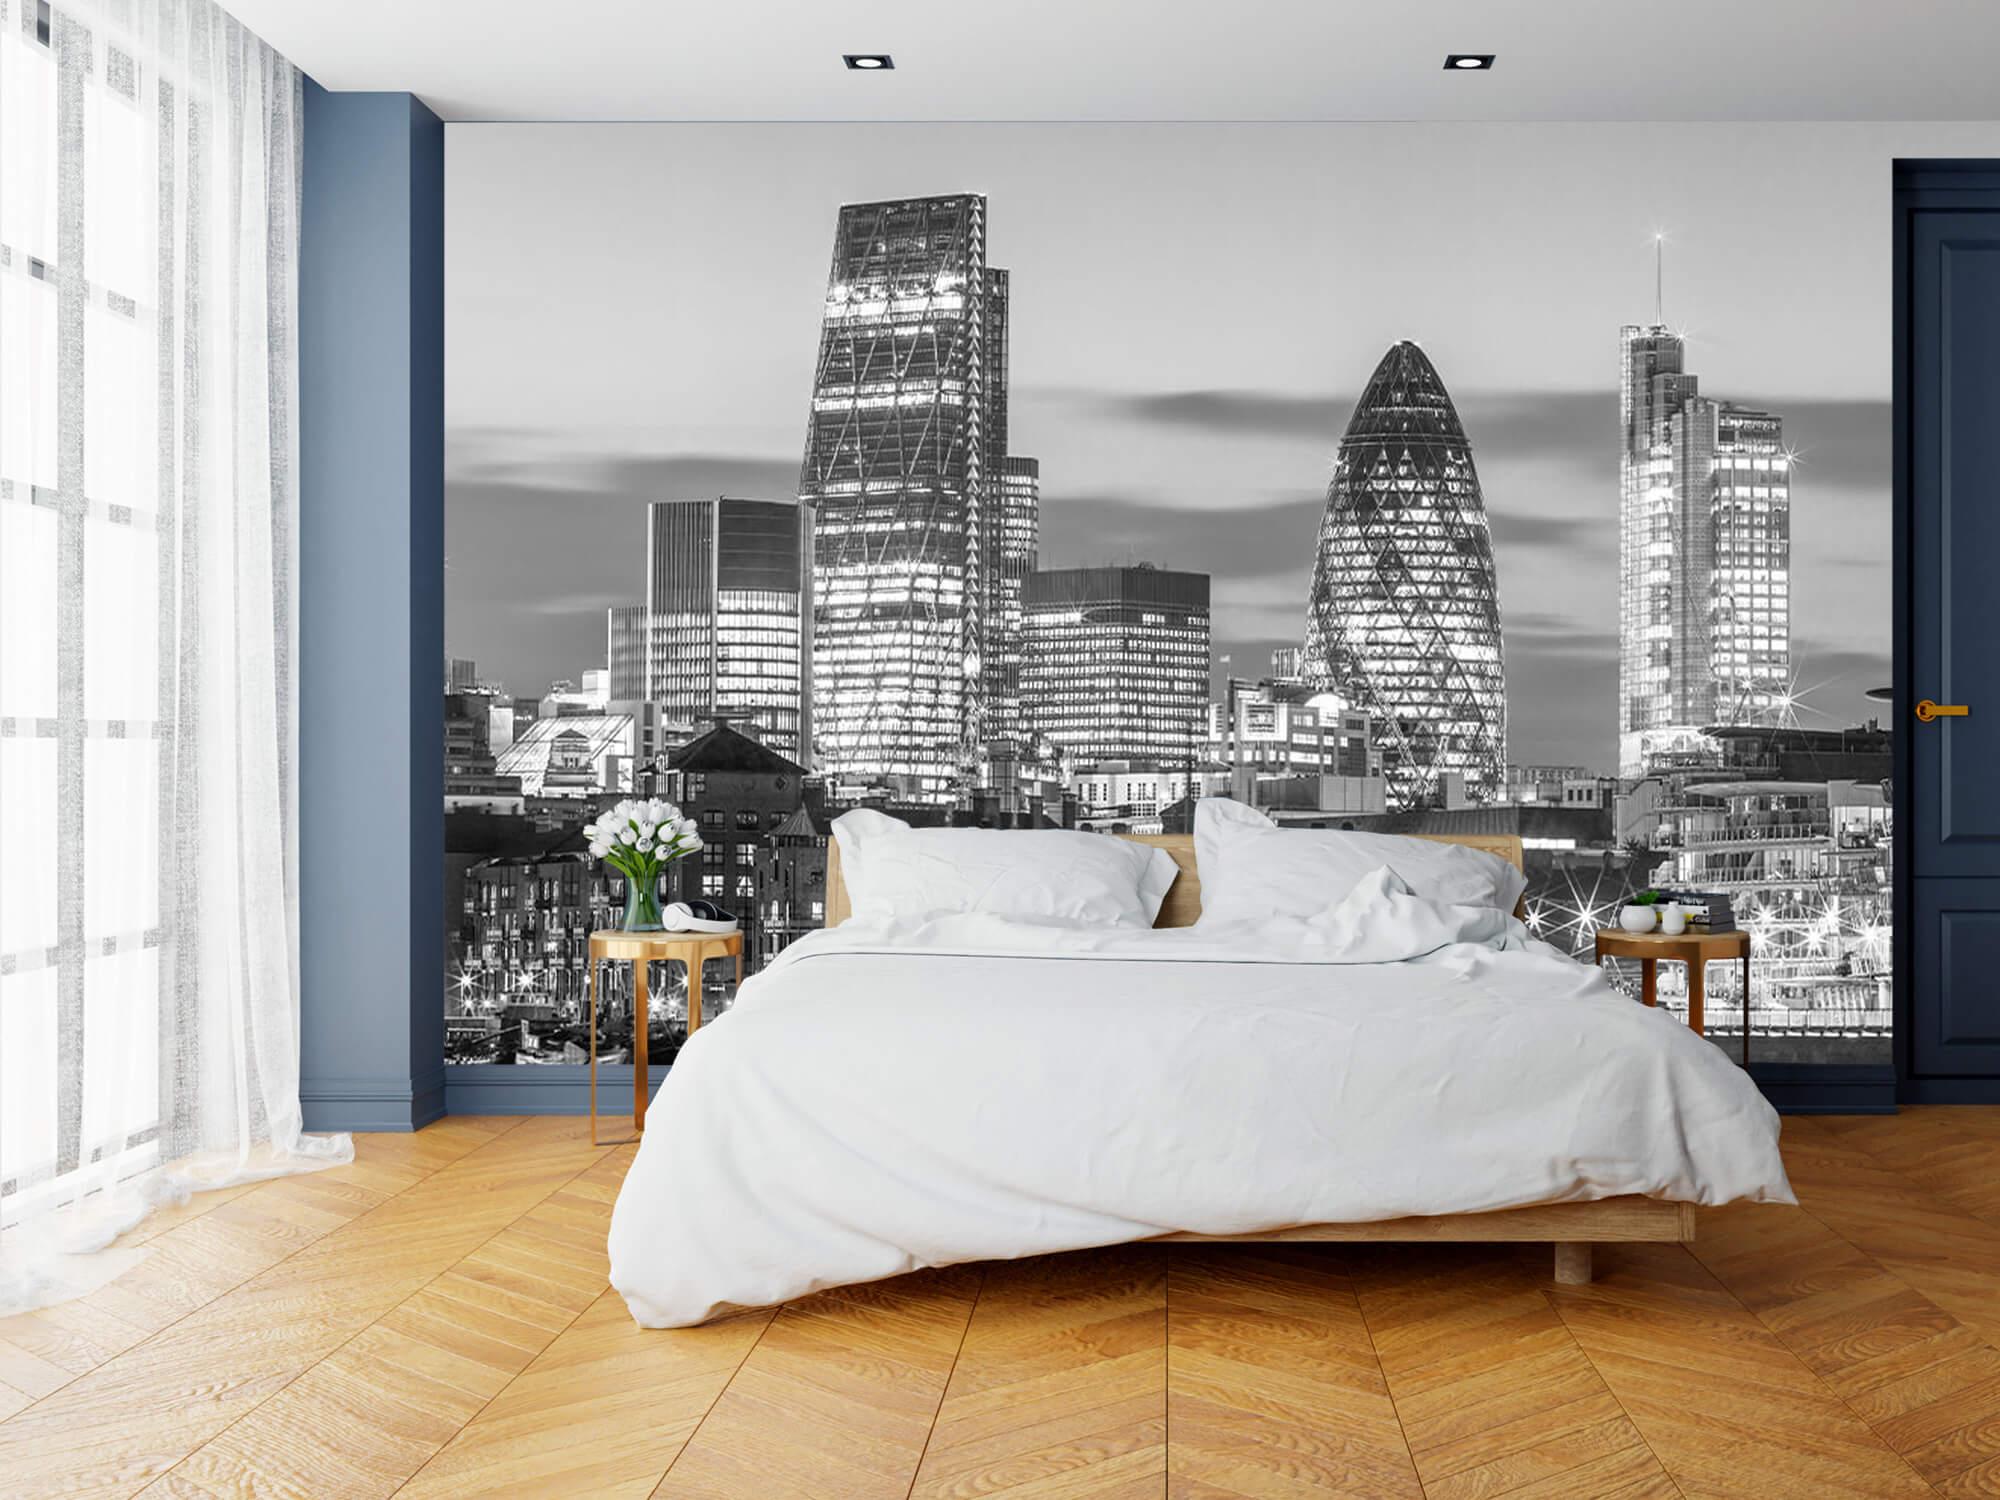 Londen skyline 8